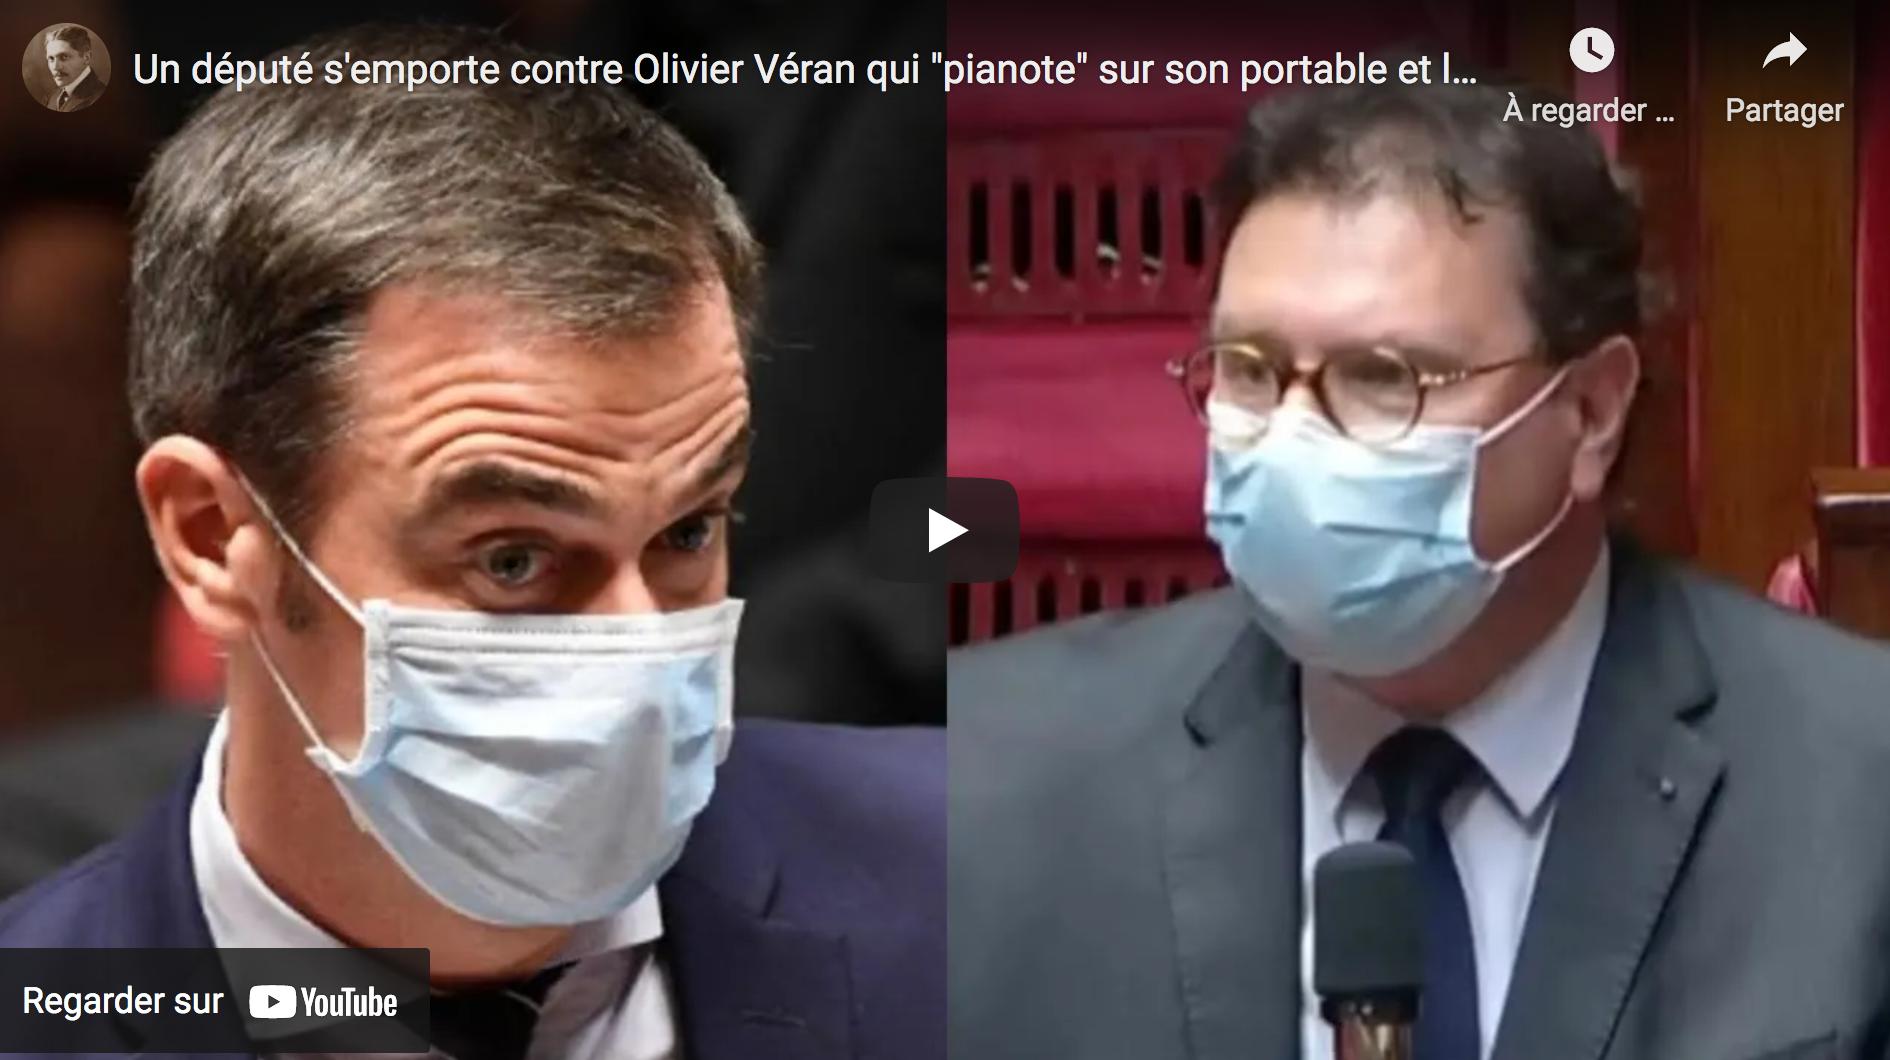 """Un député s'emporte contre Olivier Véran qui """"pianote"""" sur son portable et le recadre à l'Assemblée Nationale ! (VIDÉO)"""